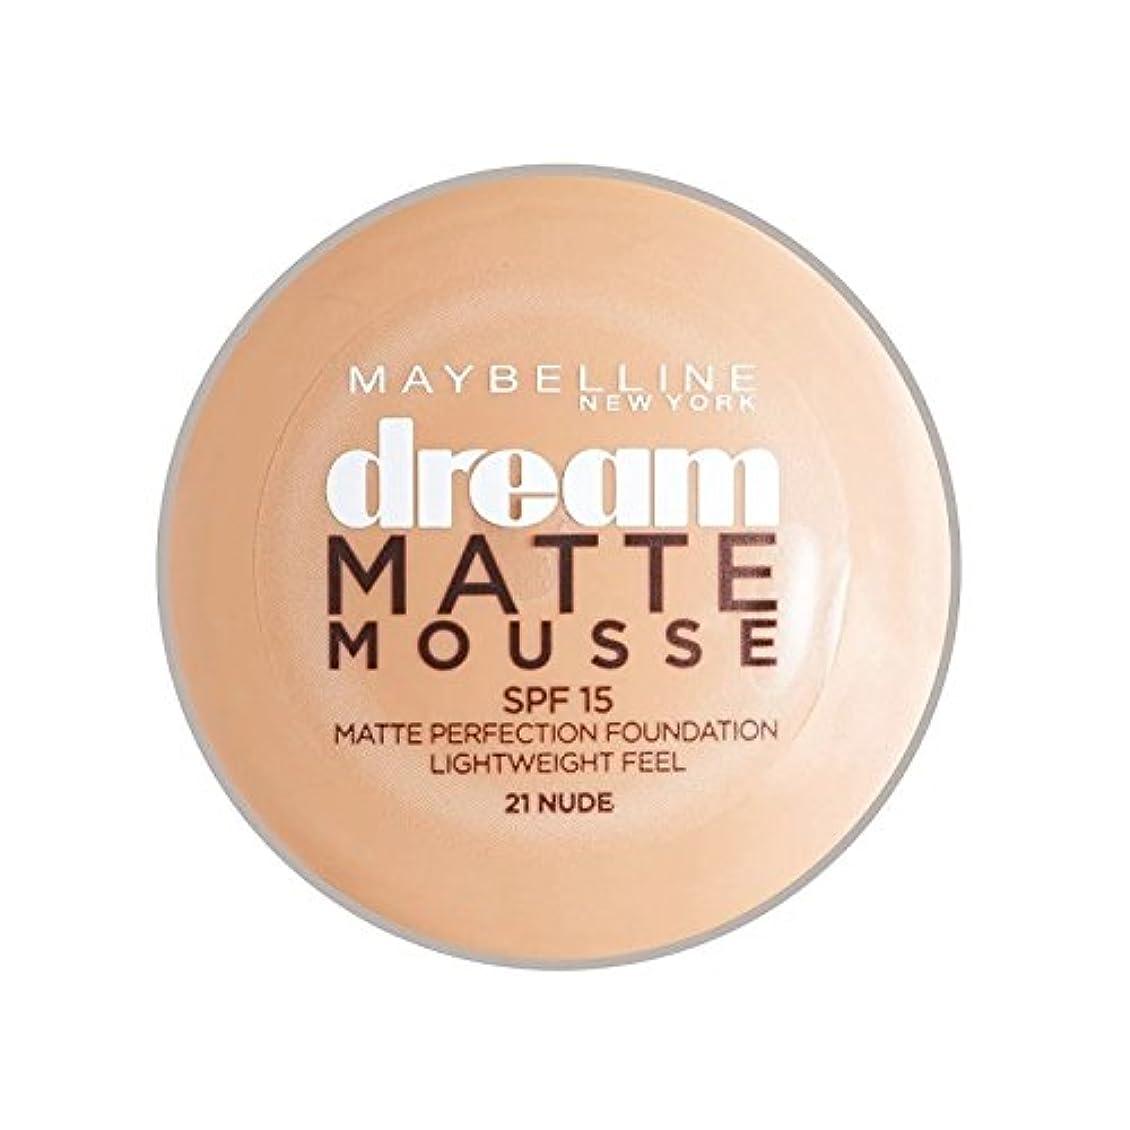 仲良し伸ばす球状メイベリン夢マットムース土台21ヌード10ミリリットル x4 - Maybelline Dream Matte Mousse Foundation 21 Nude 10ml (Pack of 4) [並行輸入品]